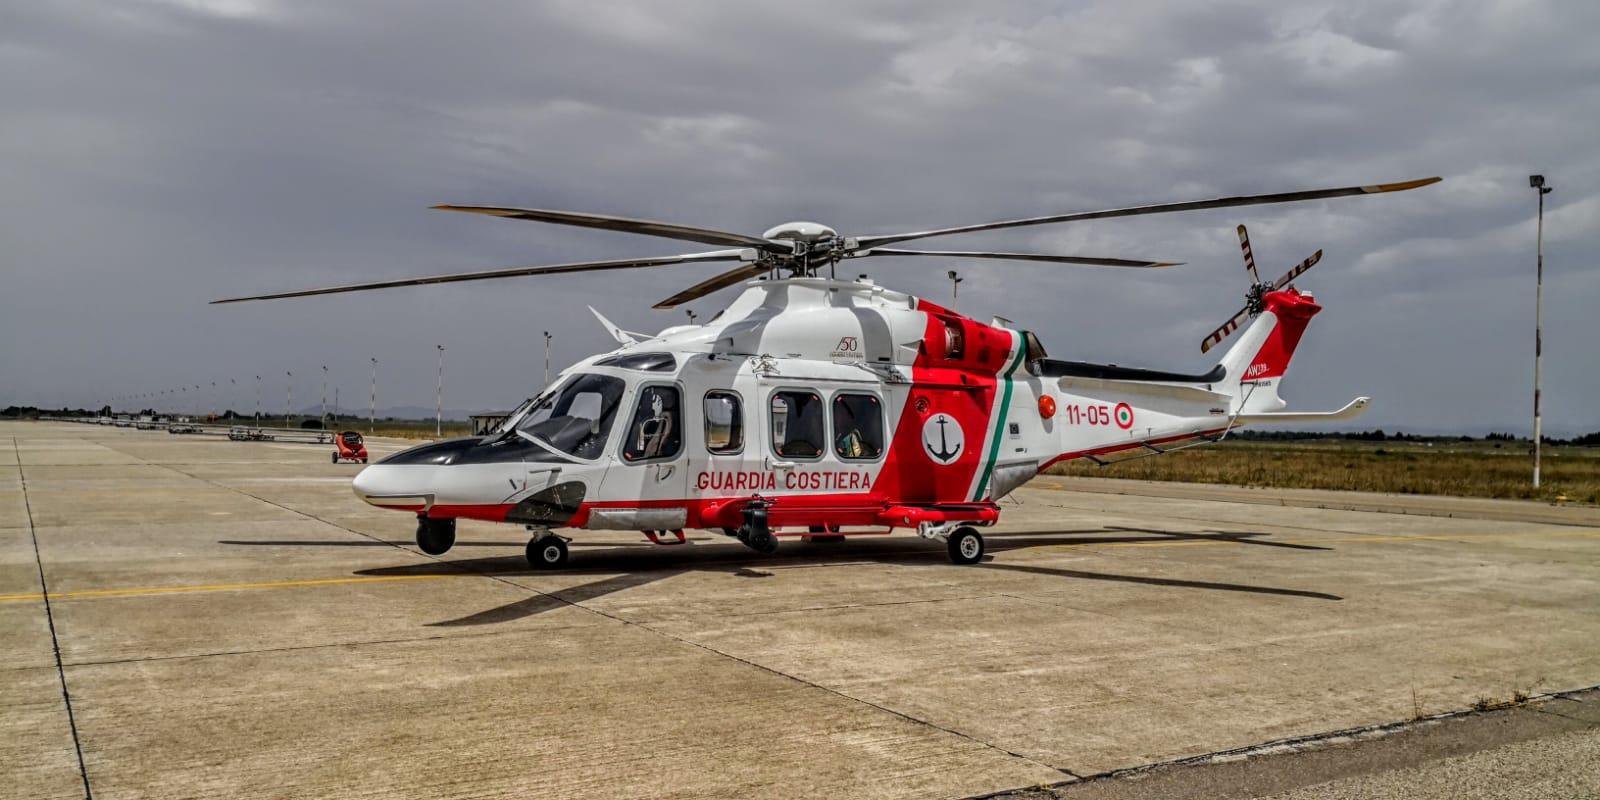 Elicottero 139 : Avionews elicottero aw 139 della guardia costiera a decimomannu